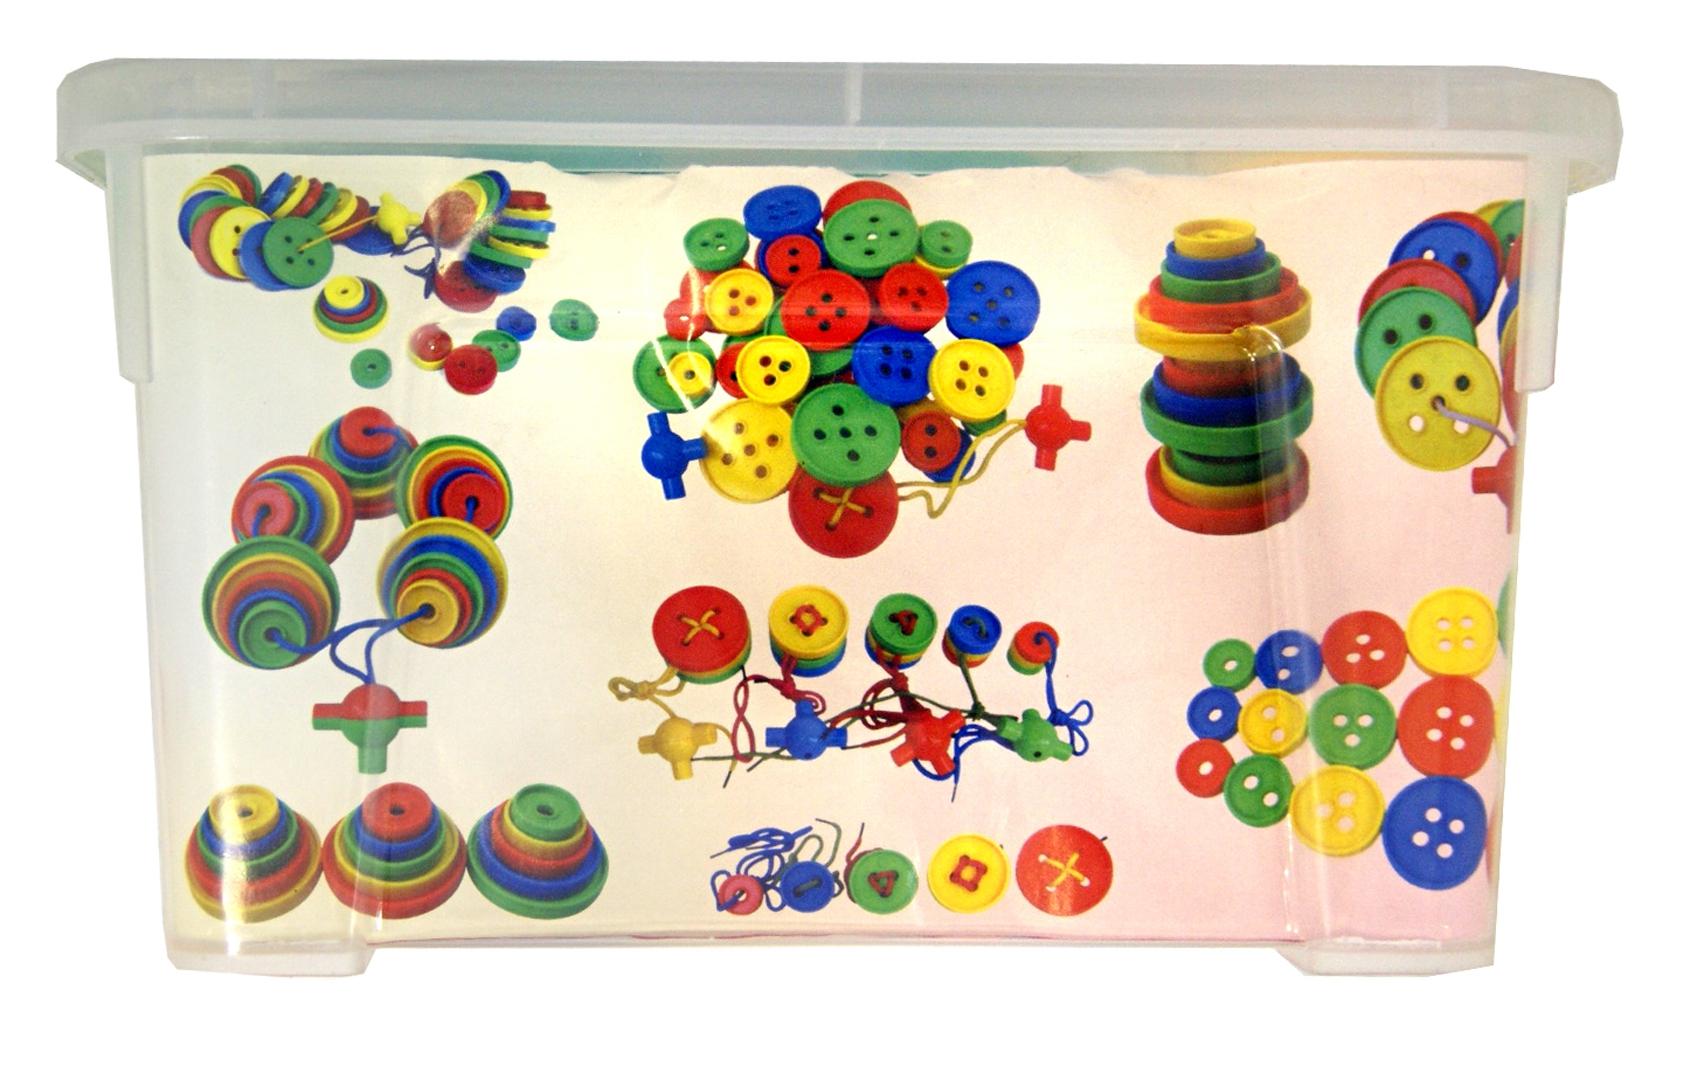 Иллюстрация 1 из 12 для Пуговицы для маленьких ручек. Контейнер   Лабиринт - игрушки. Источник: Лабиринт